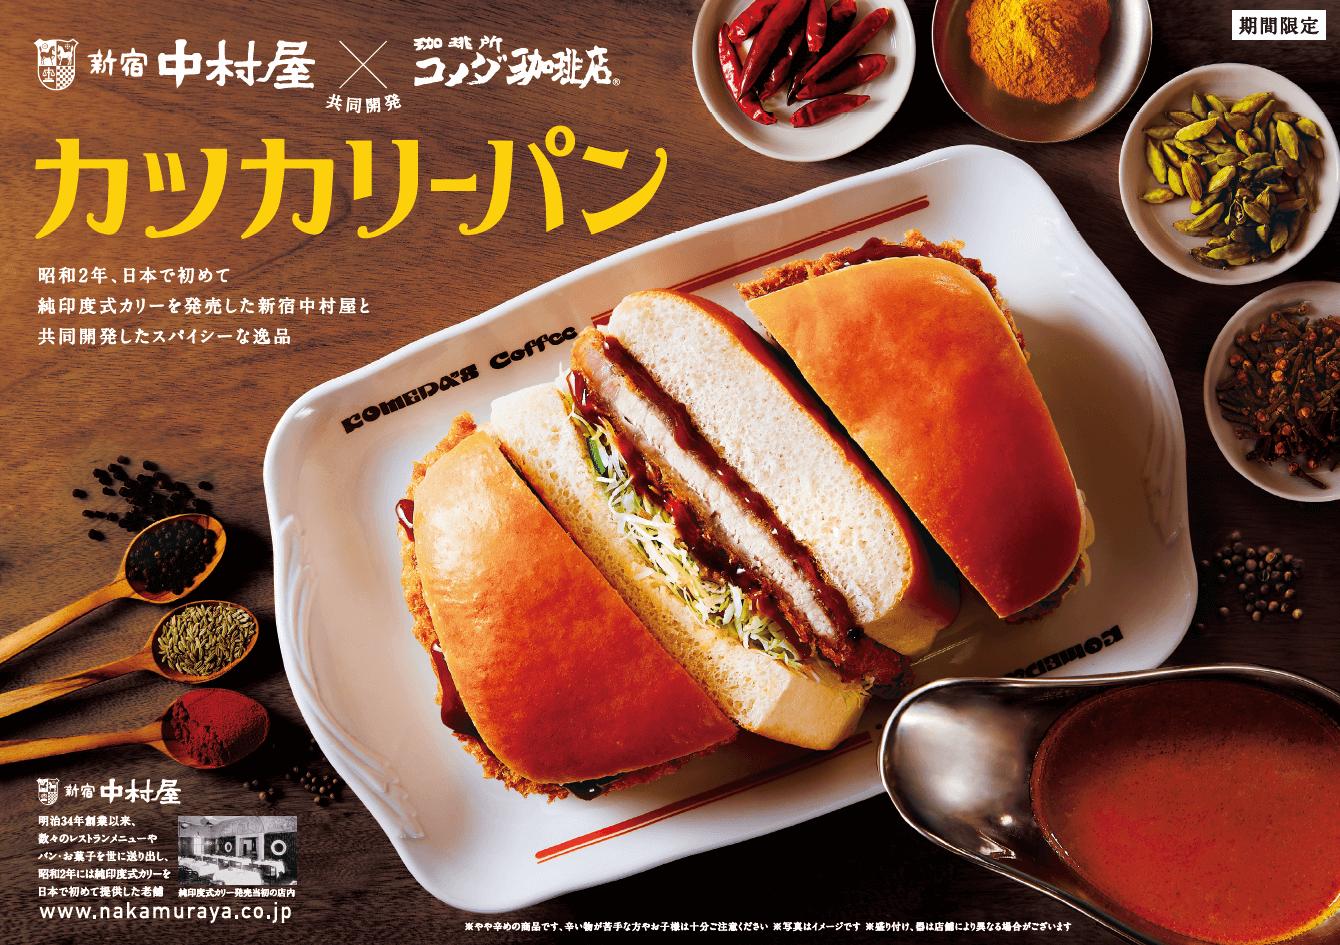 日本獨有的家常菜麵包! 與客美多咖啡與新宿中村屋合作的「豬排咖哩麵包」登場 麵包、